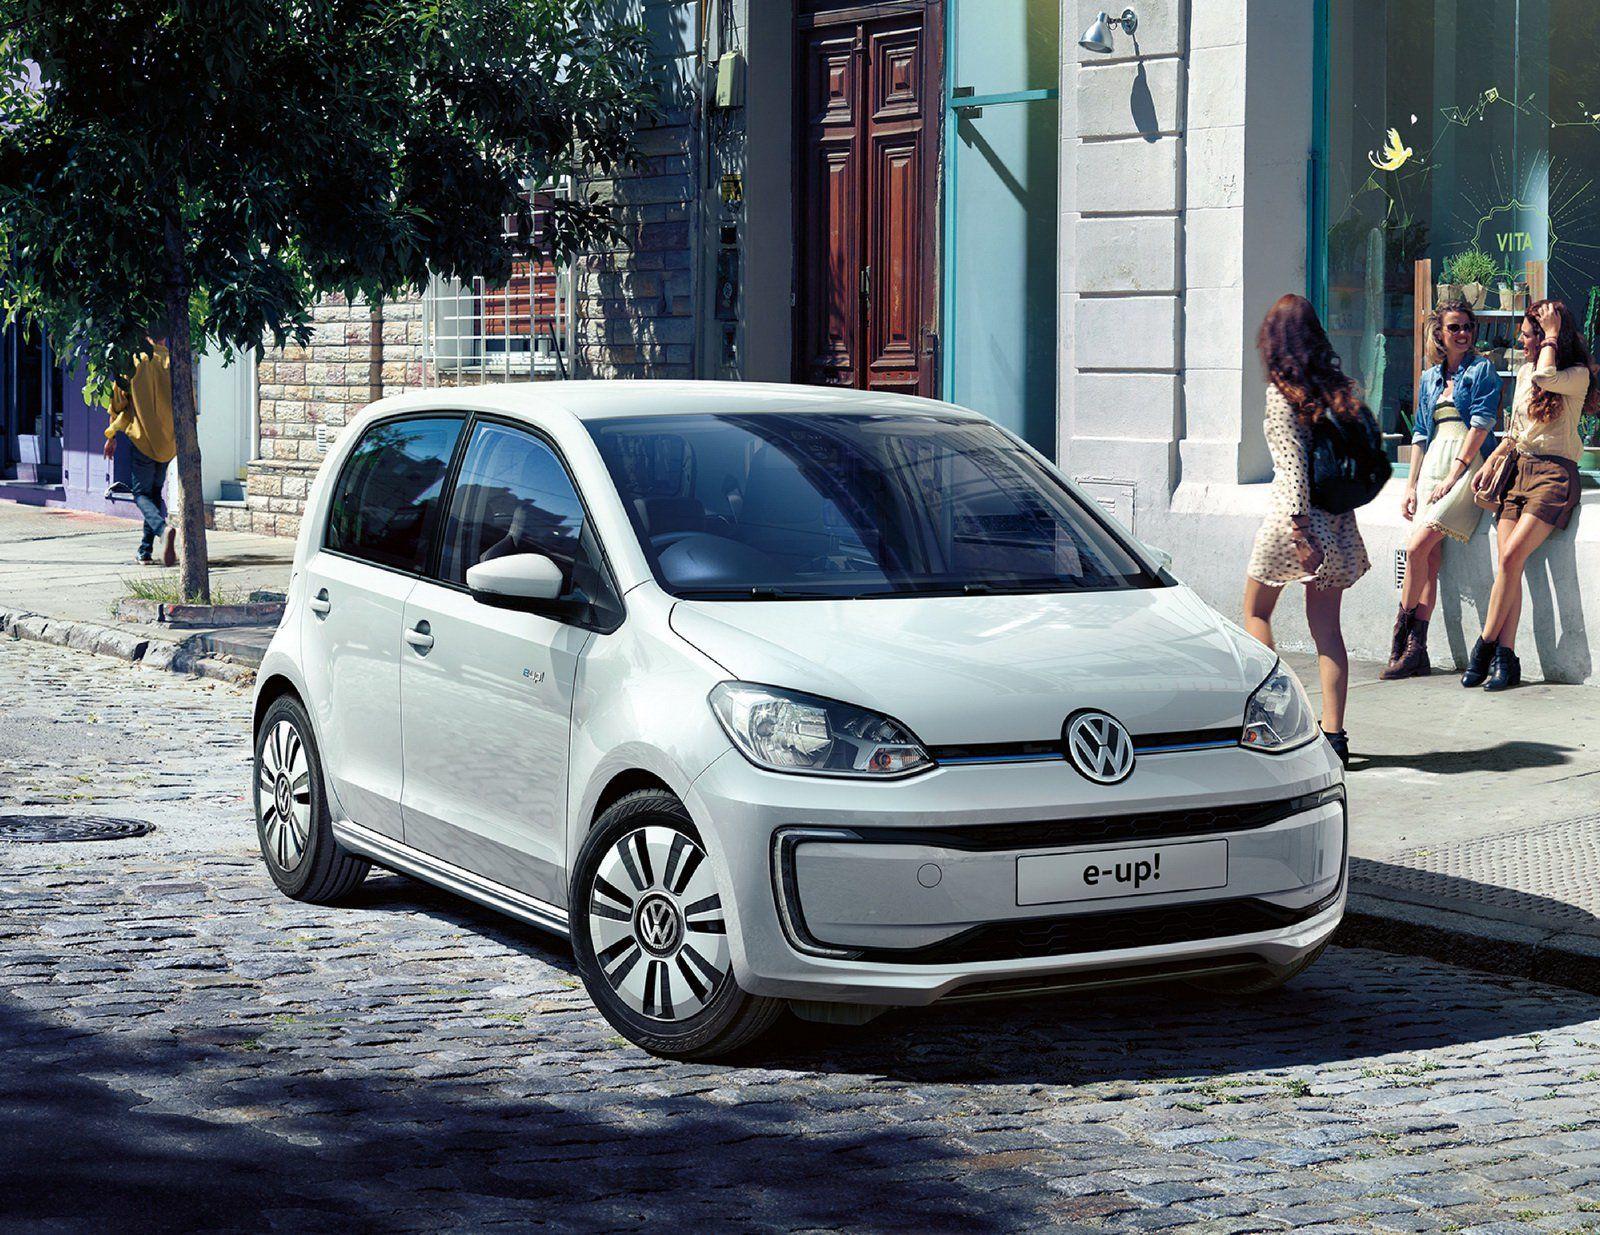 2020 Volkswagen E Up Longer Range Confirmed Volkswagen Cars Uk